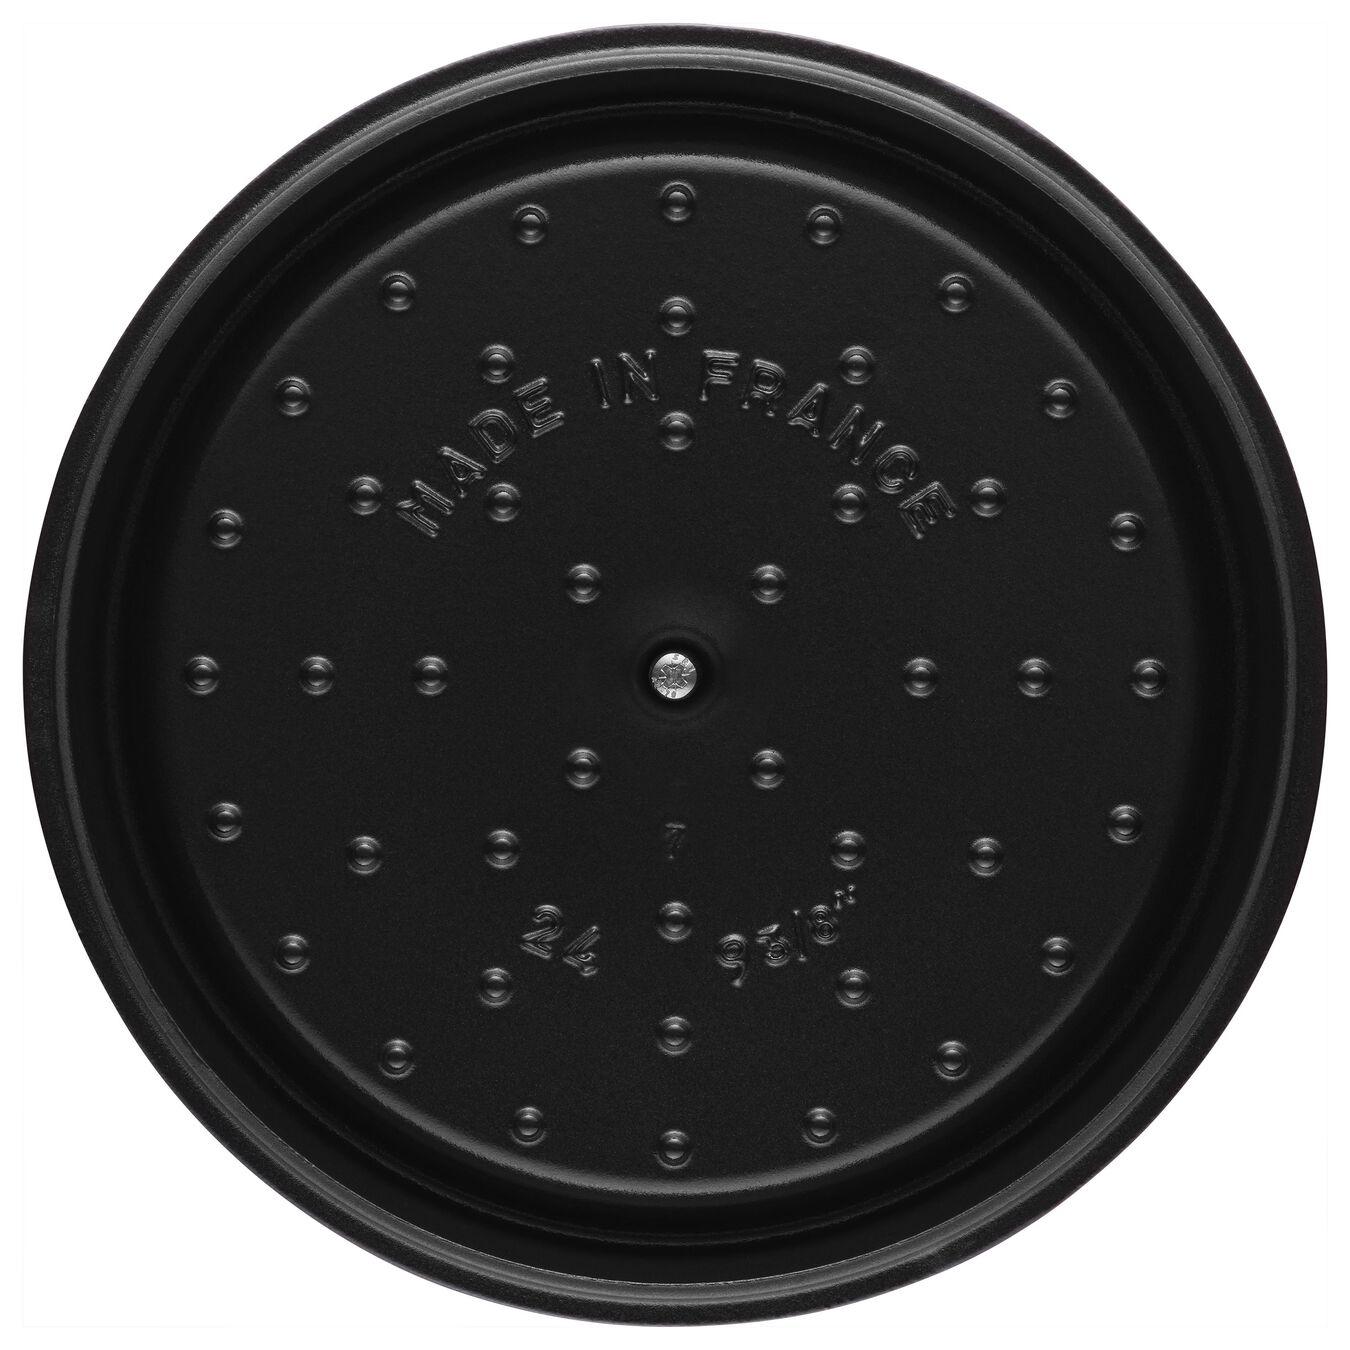 Cocotte 24 cm, rund, Bordeaux, Gusseisen,,large 6